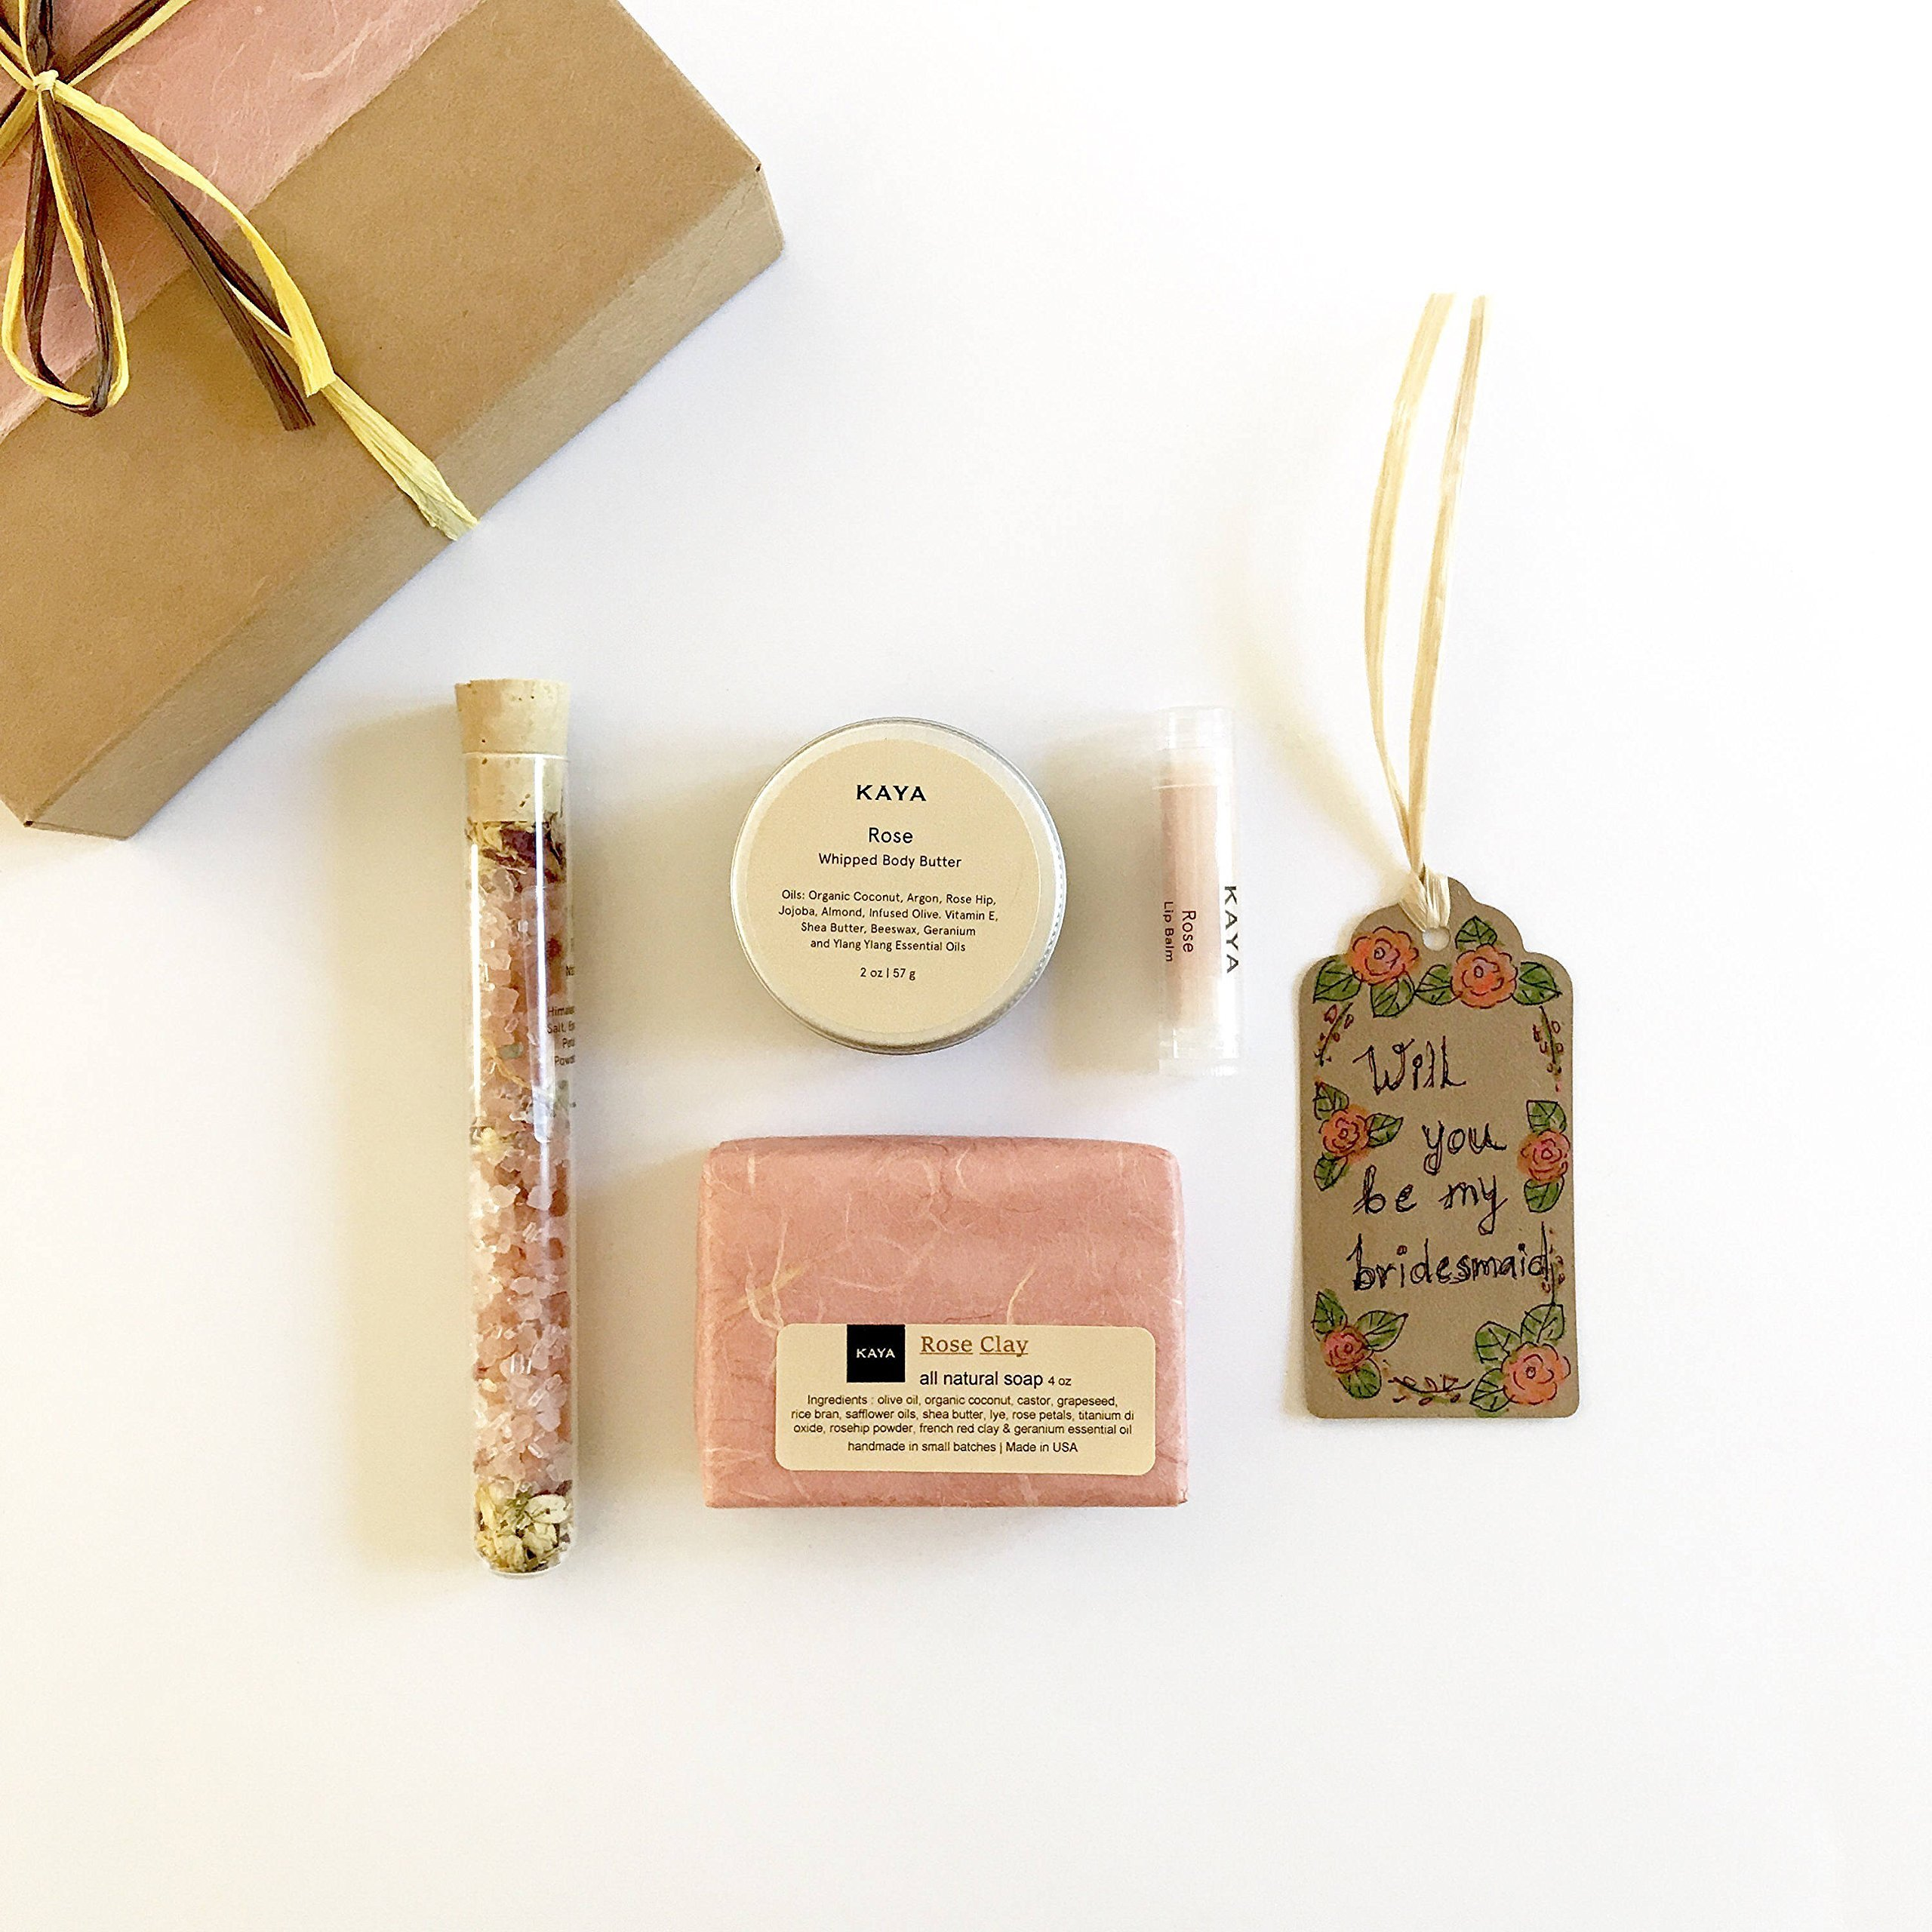 Bridesmaid Gift - Set of 4 - Handmade Bath and Body Spa Sets - Rose Ylang Ylang by KayaSoaps